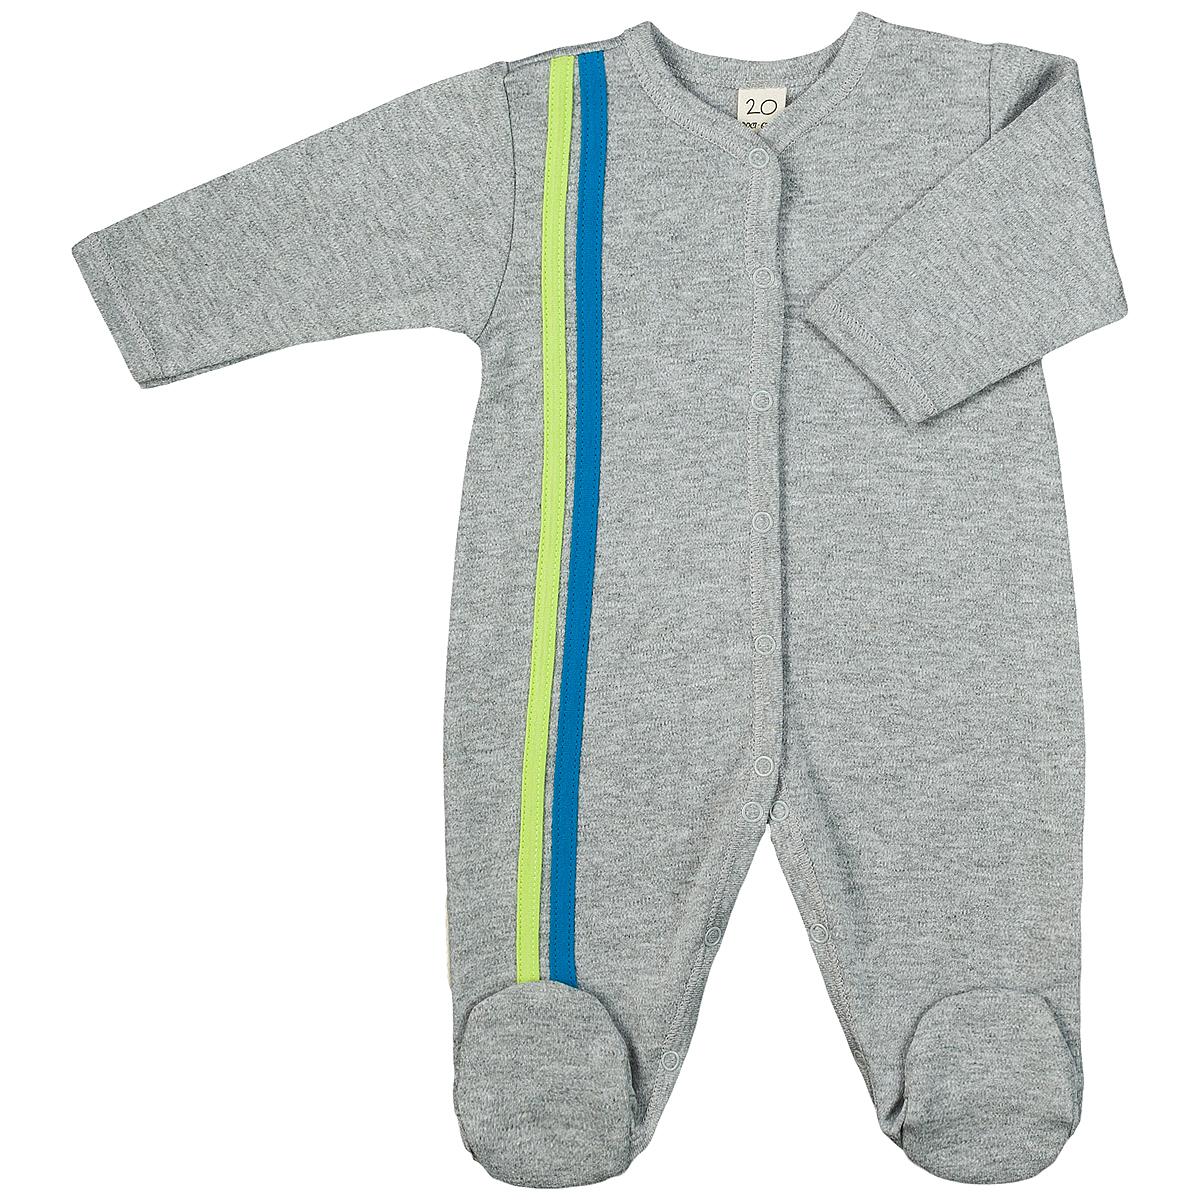 Комбинезон домашний1-1Детский комбинезон Lucky Child - очень удобный и практичный вид одежды для малышей. Комбинезон выполнен из интерлока - натурального хлопка, благодаря чему он необычайно мягкий и приятный на ощупь, не раздражают нежную кожу ребенка и хорошо вентилируются, а эластичные швы приятны телу малыша и не препятствуют его движениям. Комбинезон с длинными рукавами и закрытыми ножками имеет застежки-кнопки от горловины до щиколоток, которые помогают легко переодеть младенца или сменить подгузник. Отделкой служат лампасы контрастного цвета по боковому шву. С детским комбинезоном Lucky Child спинка и ножки вашего малыша всегда будут в тепле, он идеален для использования днем и незаменим ночью. Комбинезон полностью соответствует особенностям жизни младенца в ранний период, не стесняя и не ограничивая его в движениях!